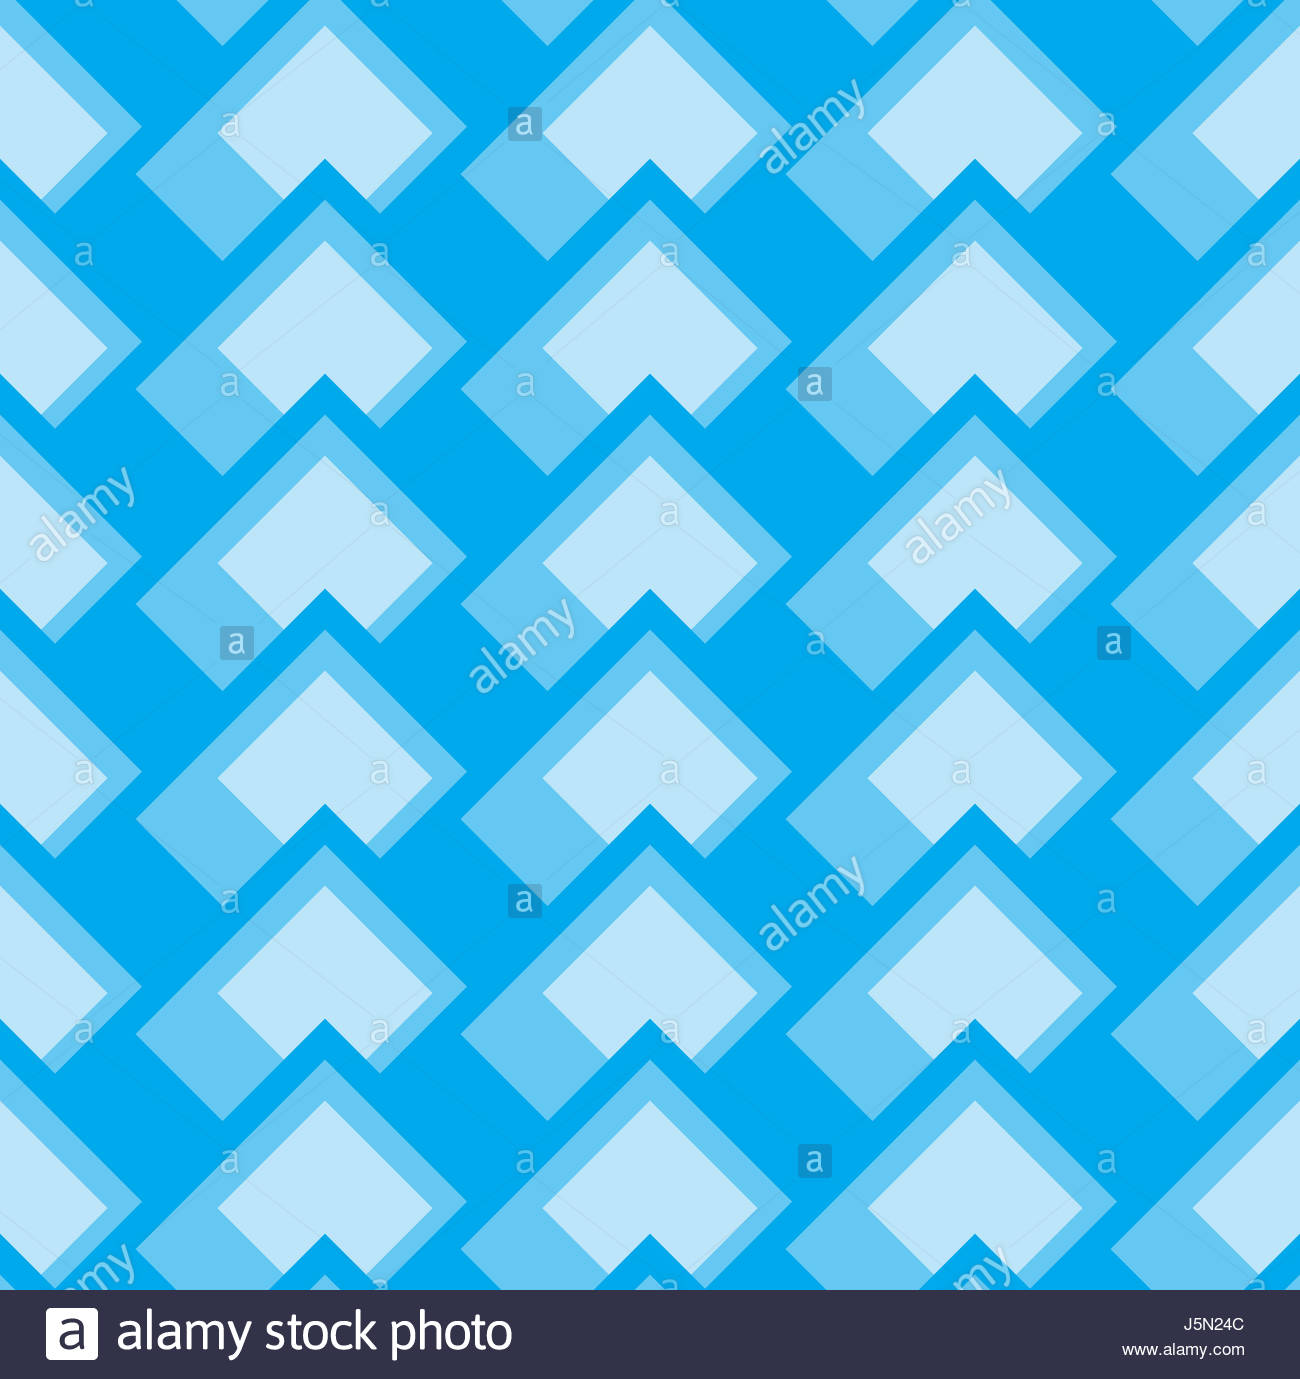 blue flow illustration ceramic tiles rhombuses angular tiles ...